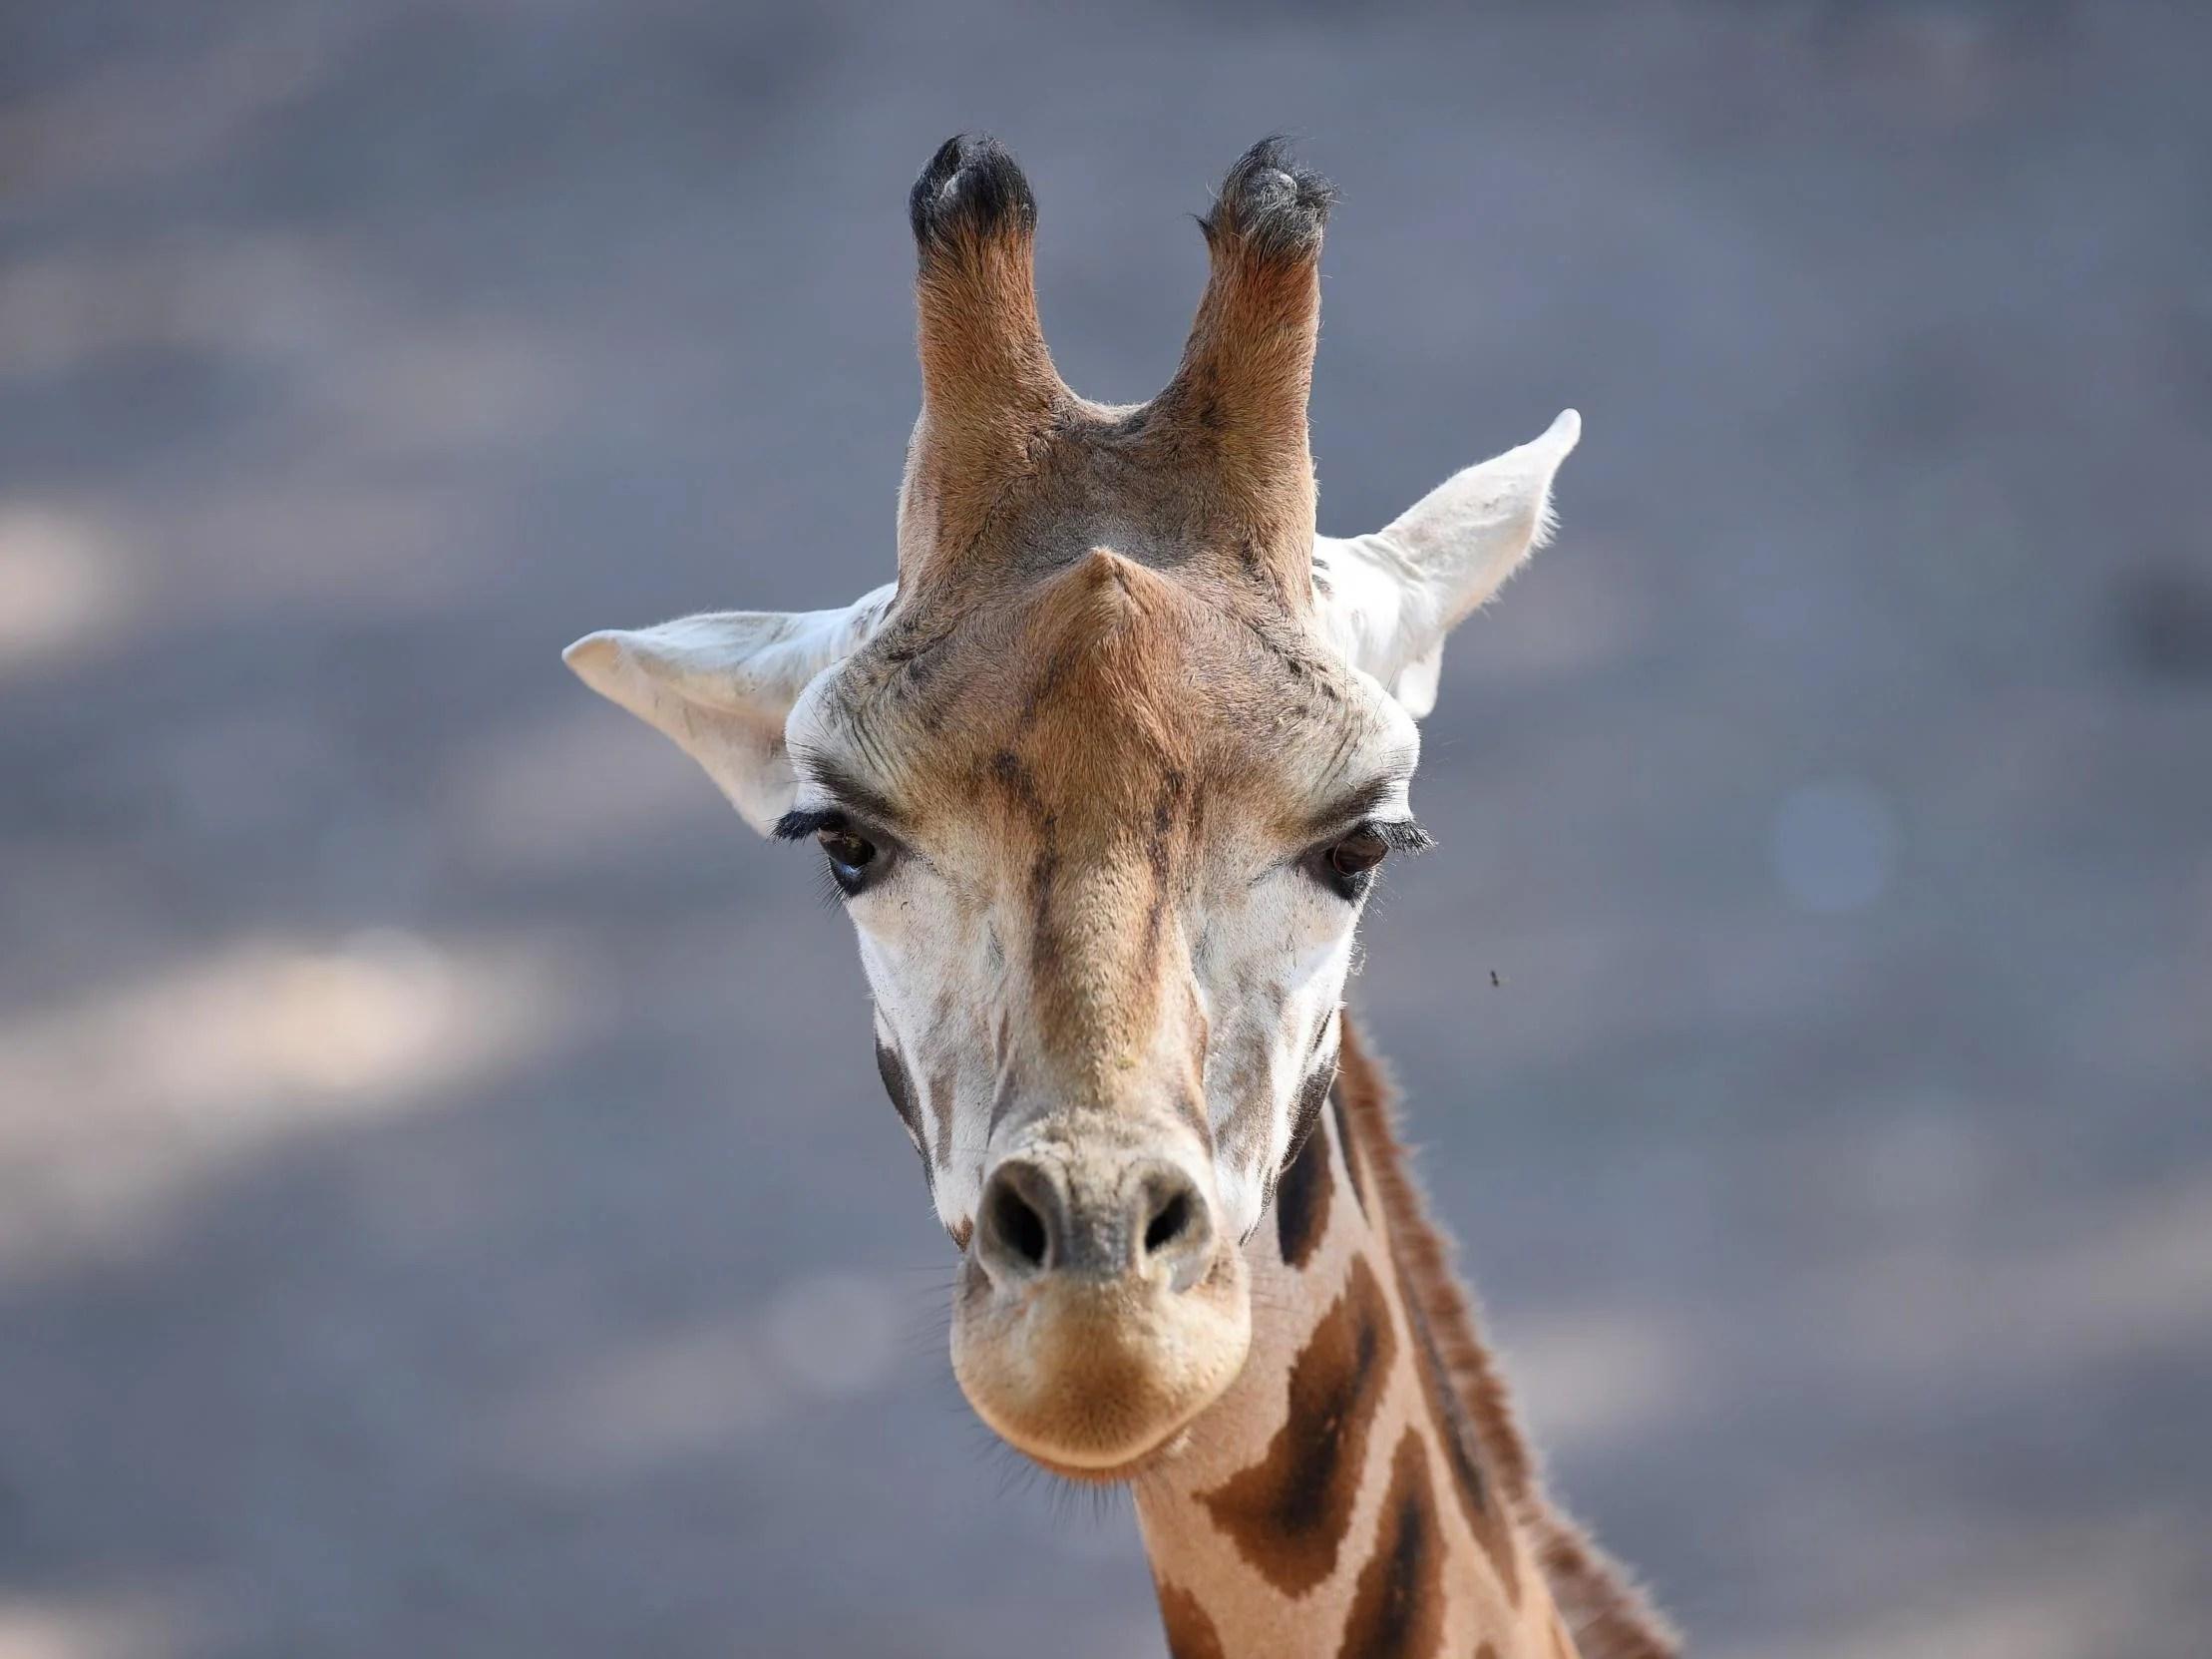 giraffes considered for endangered